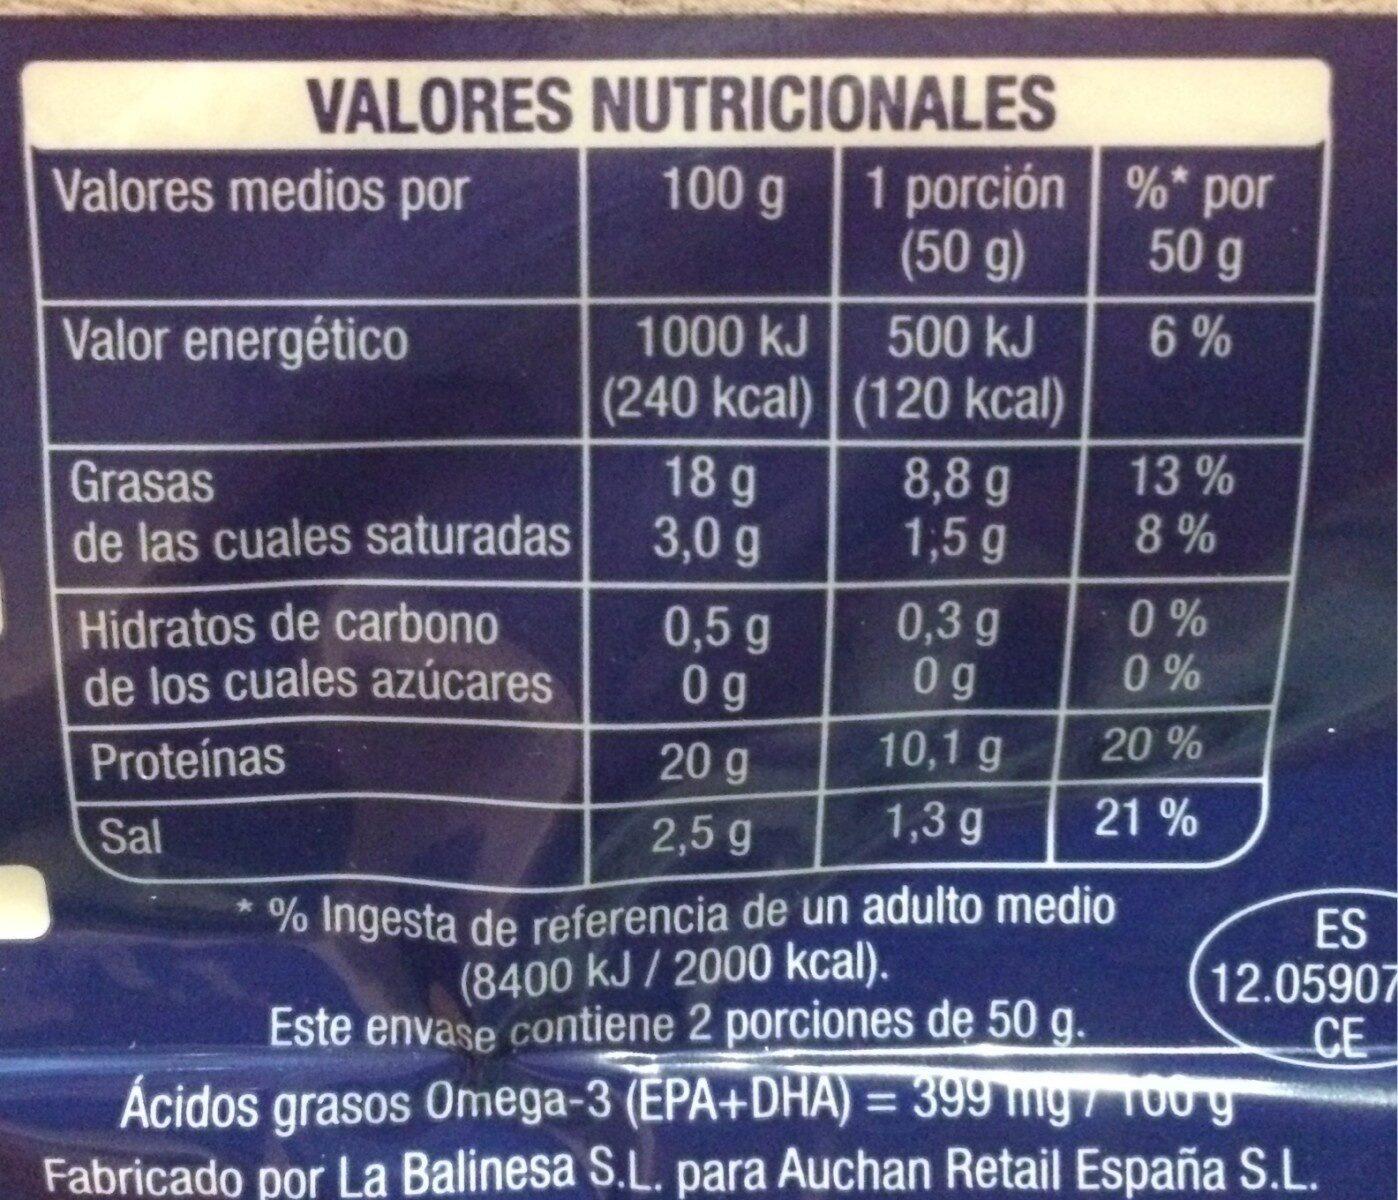 Salmón noruego ahumado - Informació nutricional - es